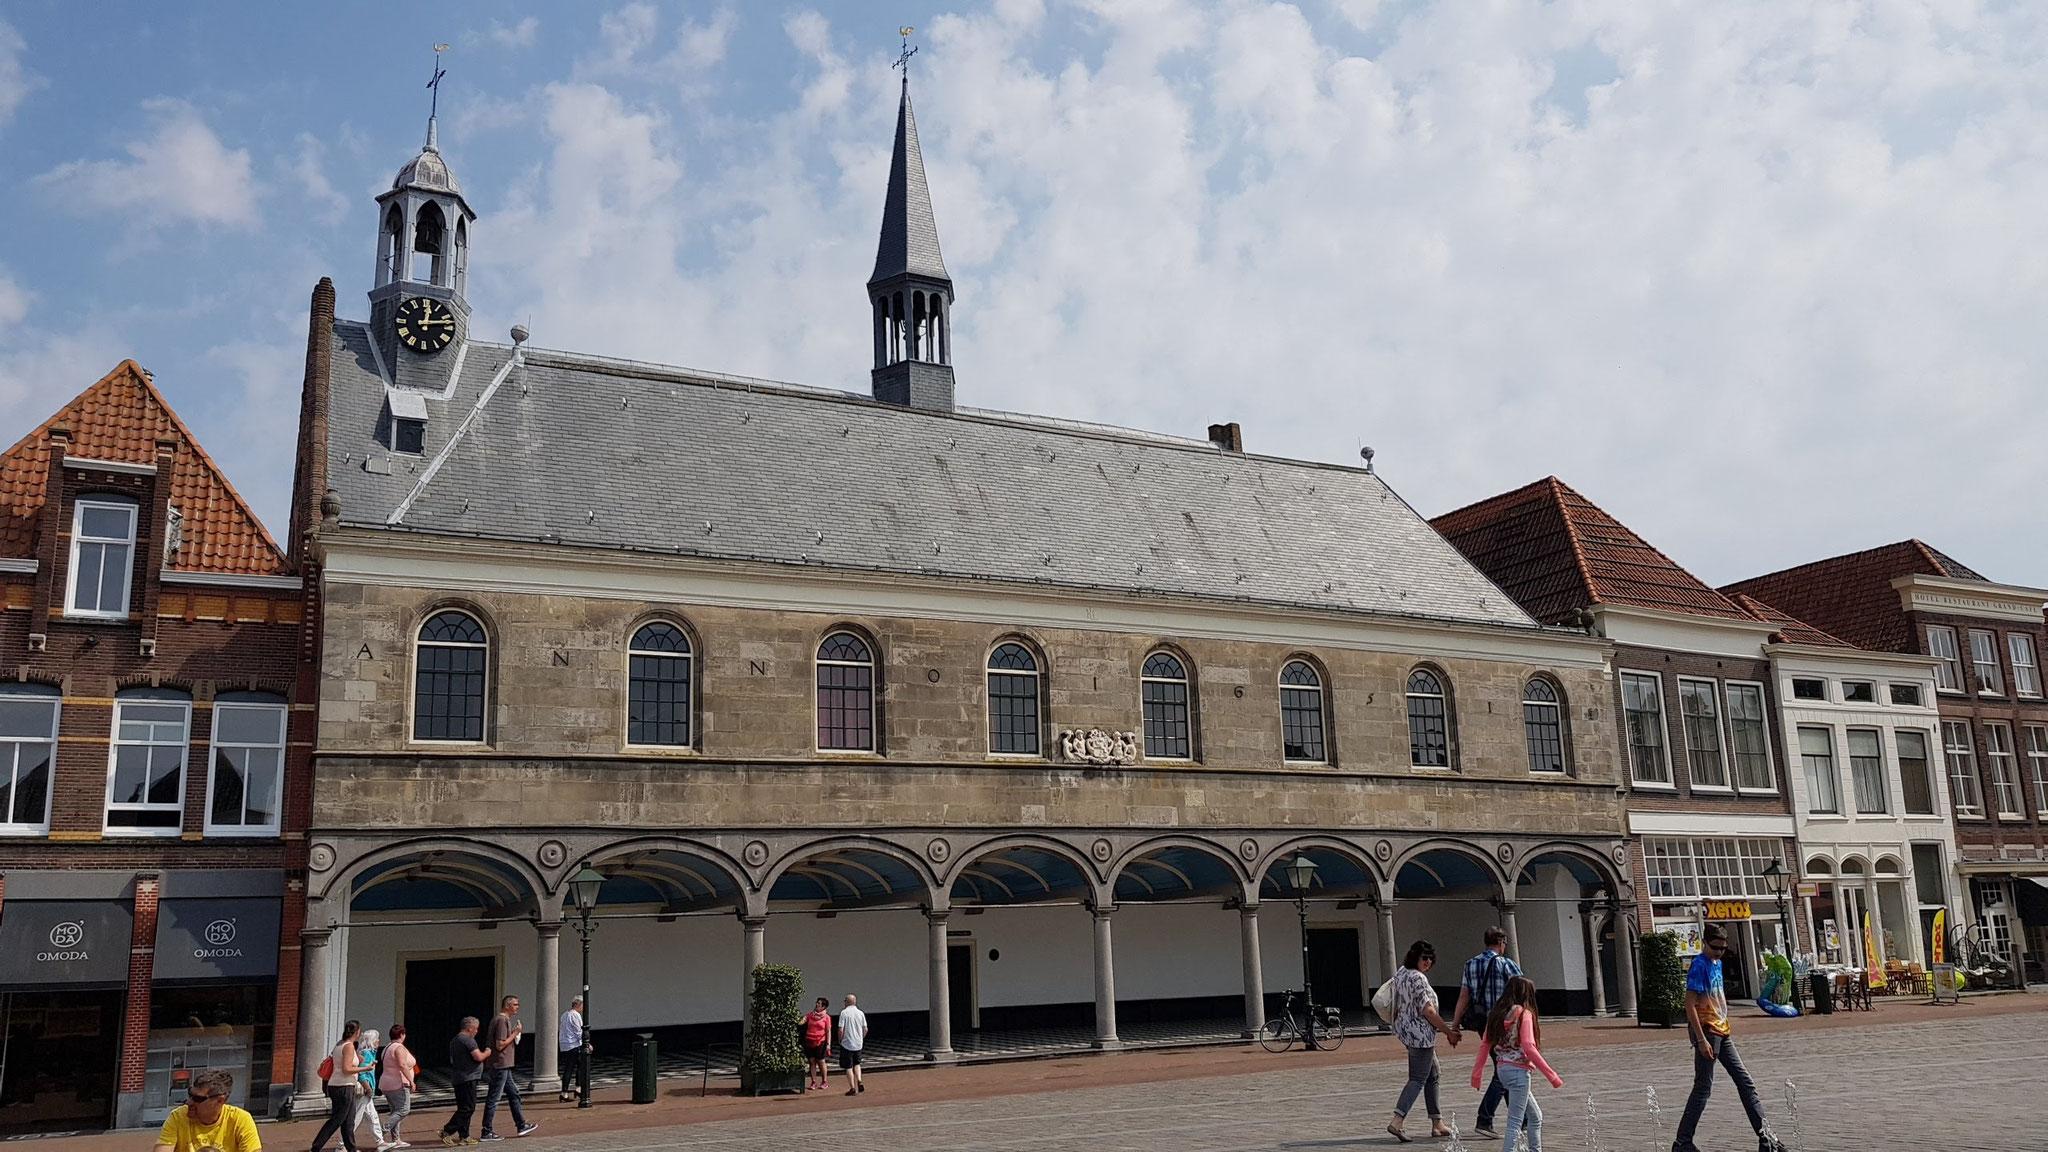 Hervormde Gemeente Zierikzee (Christliche Kirche)